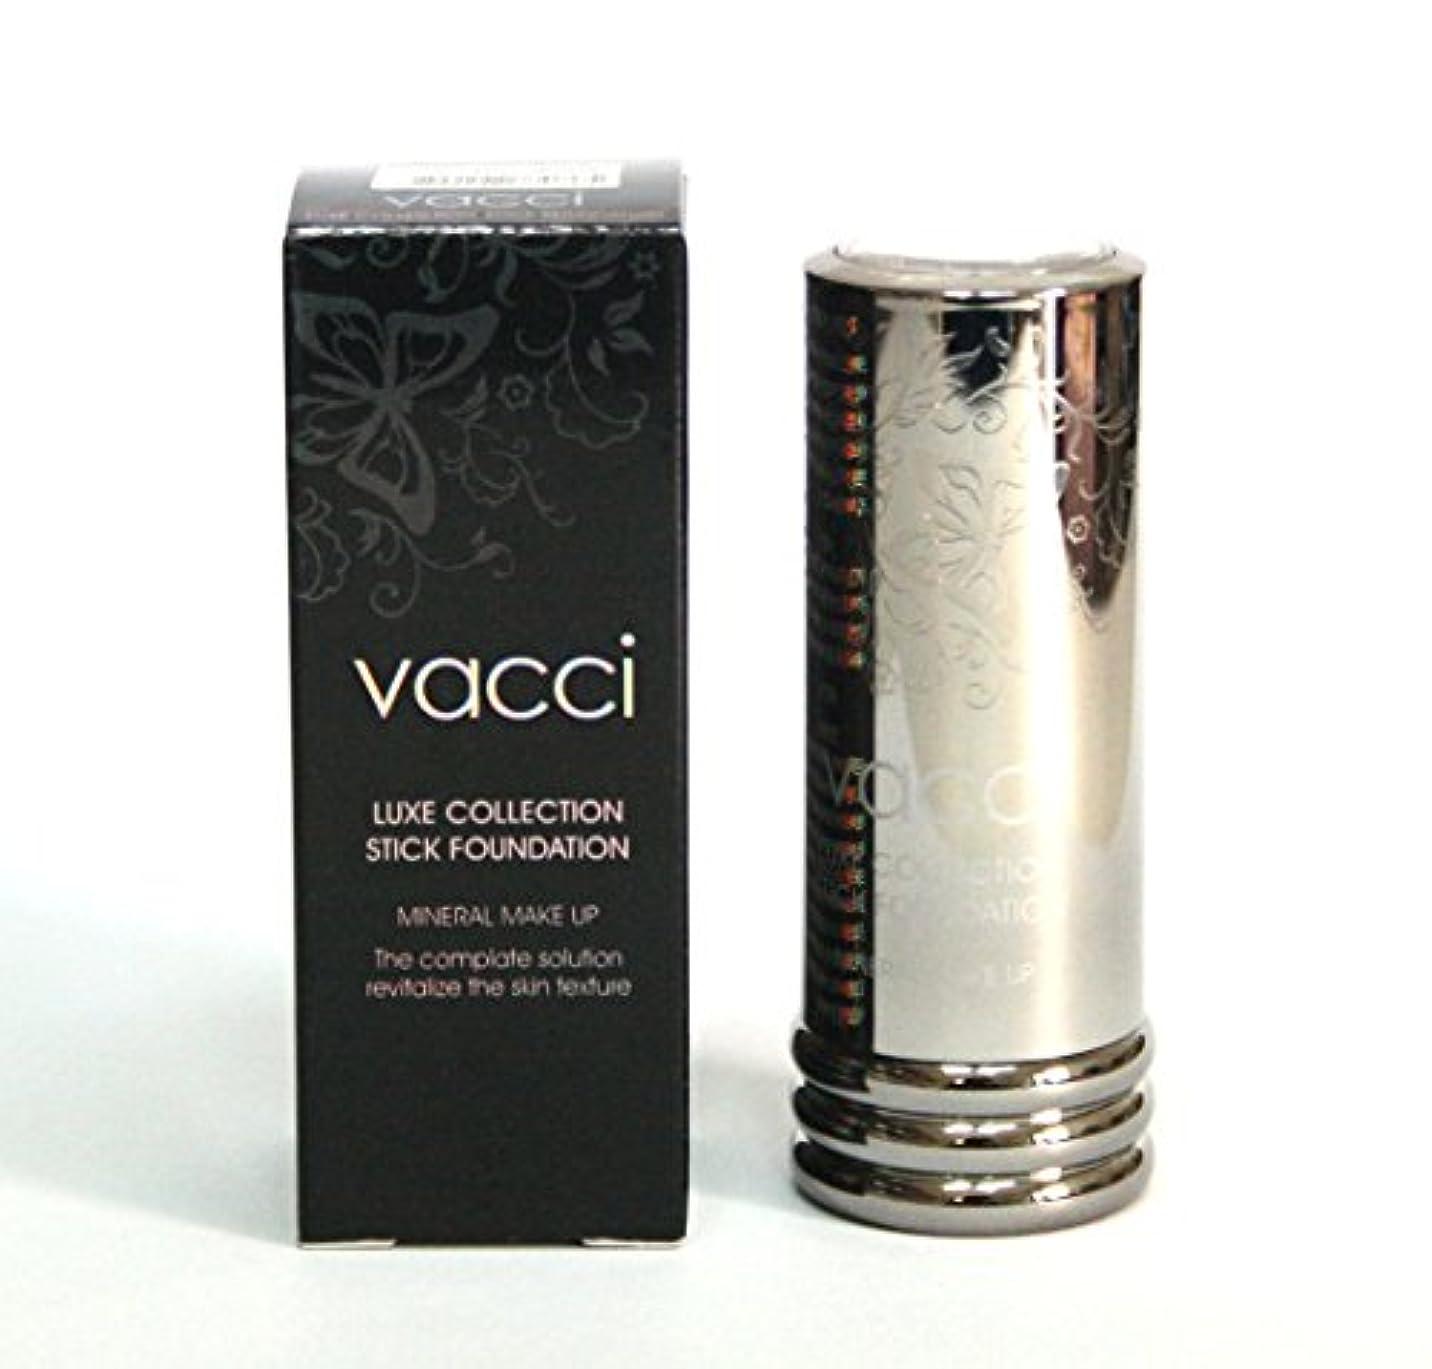 [VACCI] スティックファンデーション13g / LUXE COLLECTION Stick Foundation 13g / に皮脂コントロール / sebum control / #33ダークベージュ / #33...